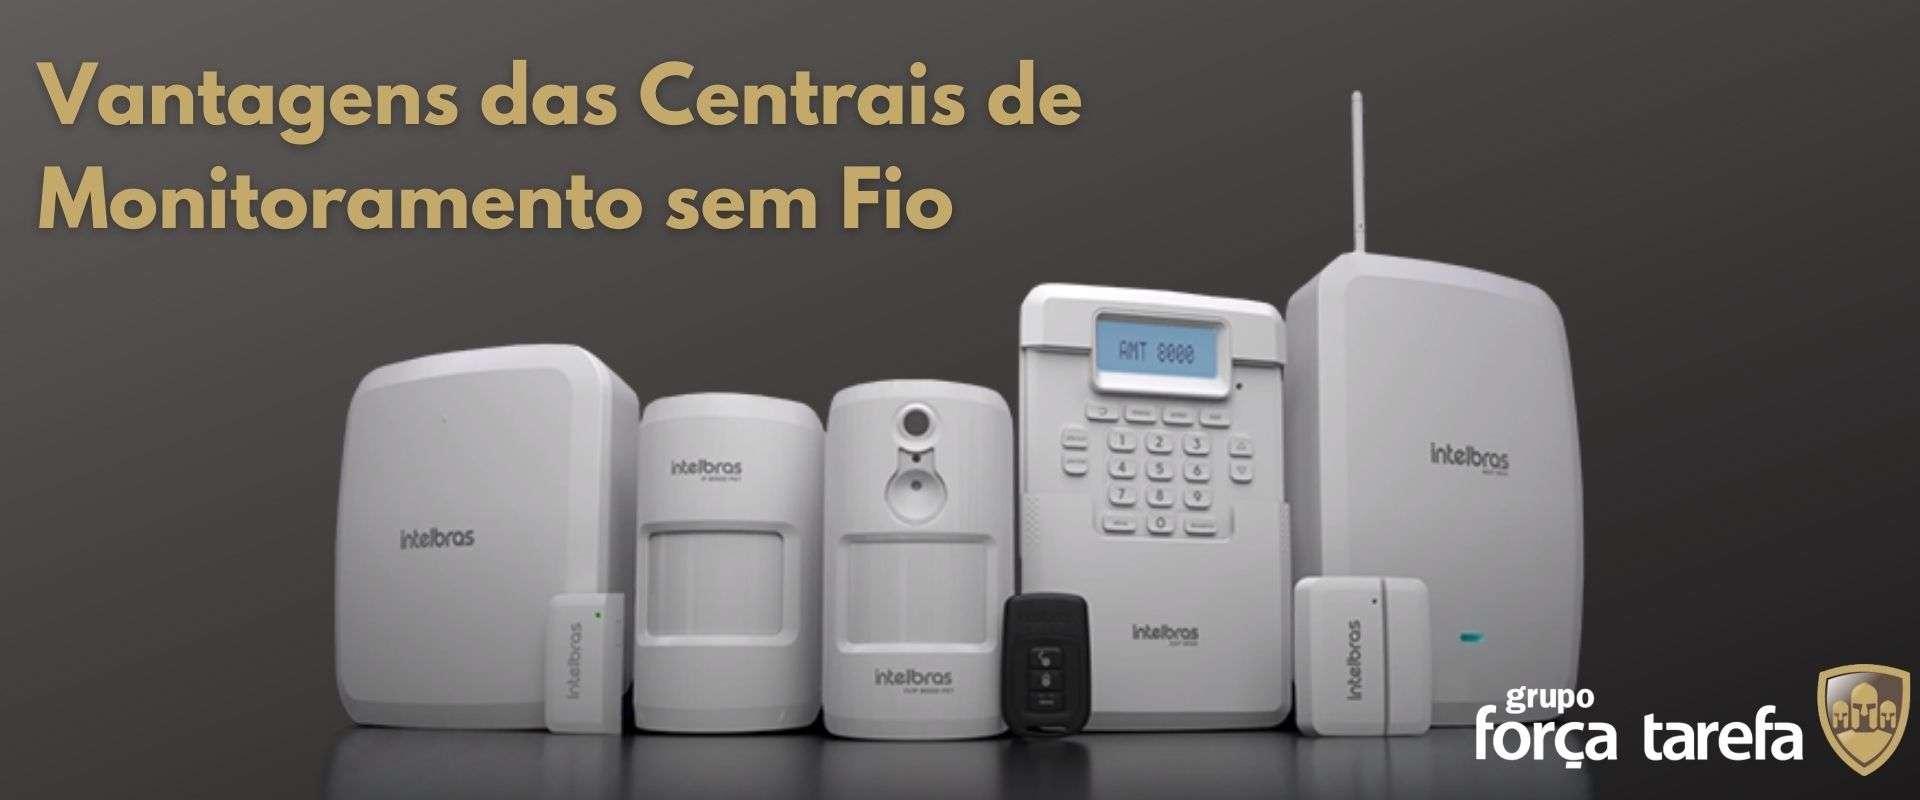 central de monitoramento sem fio